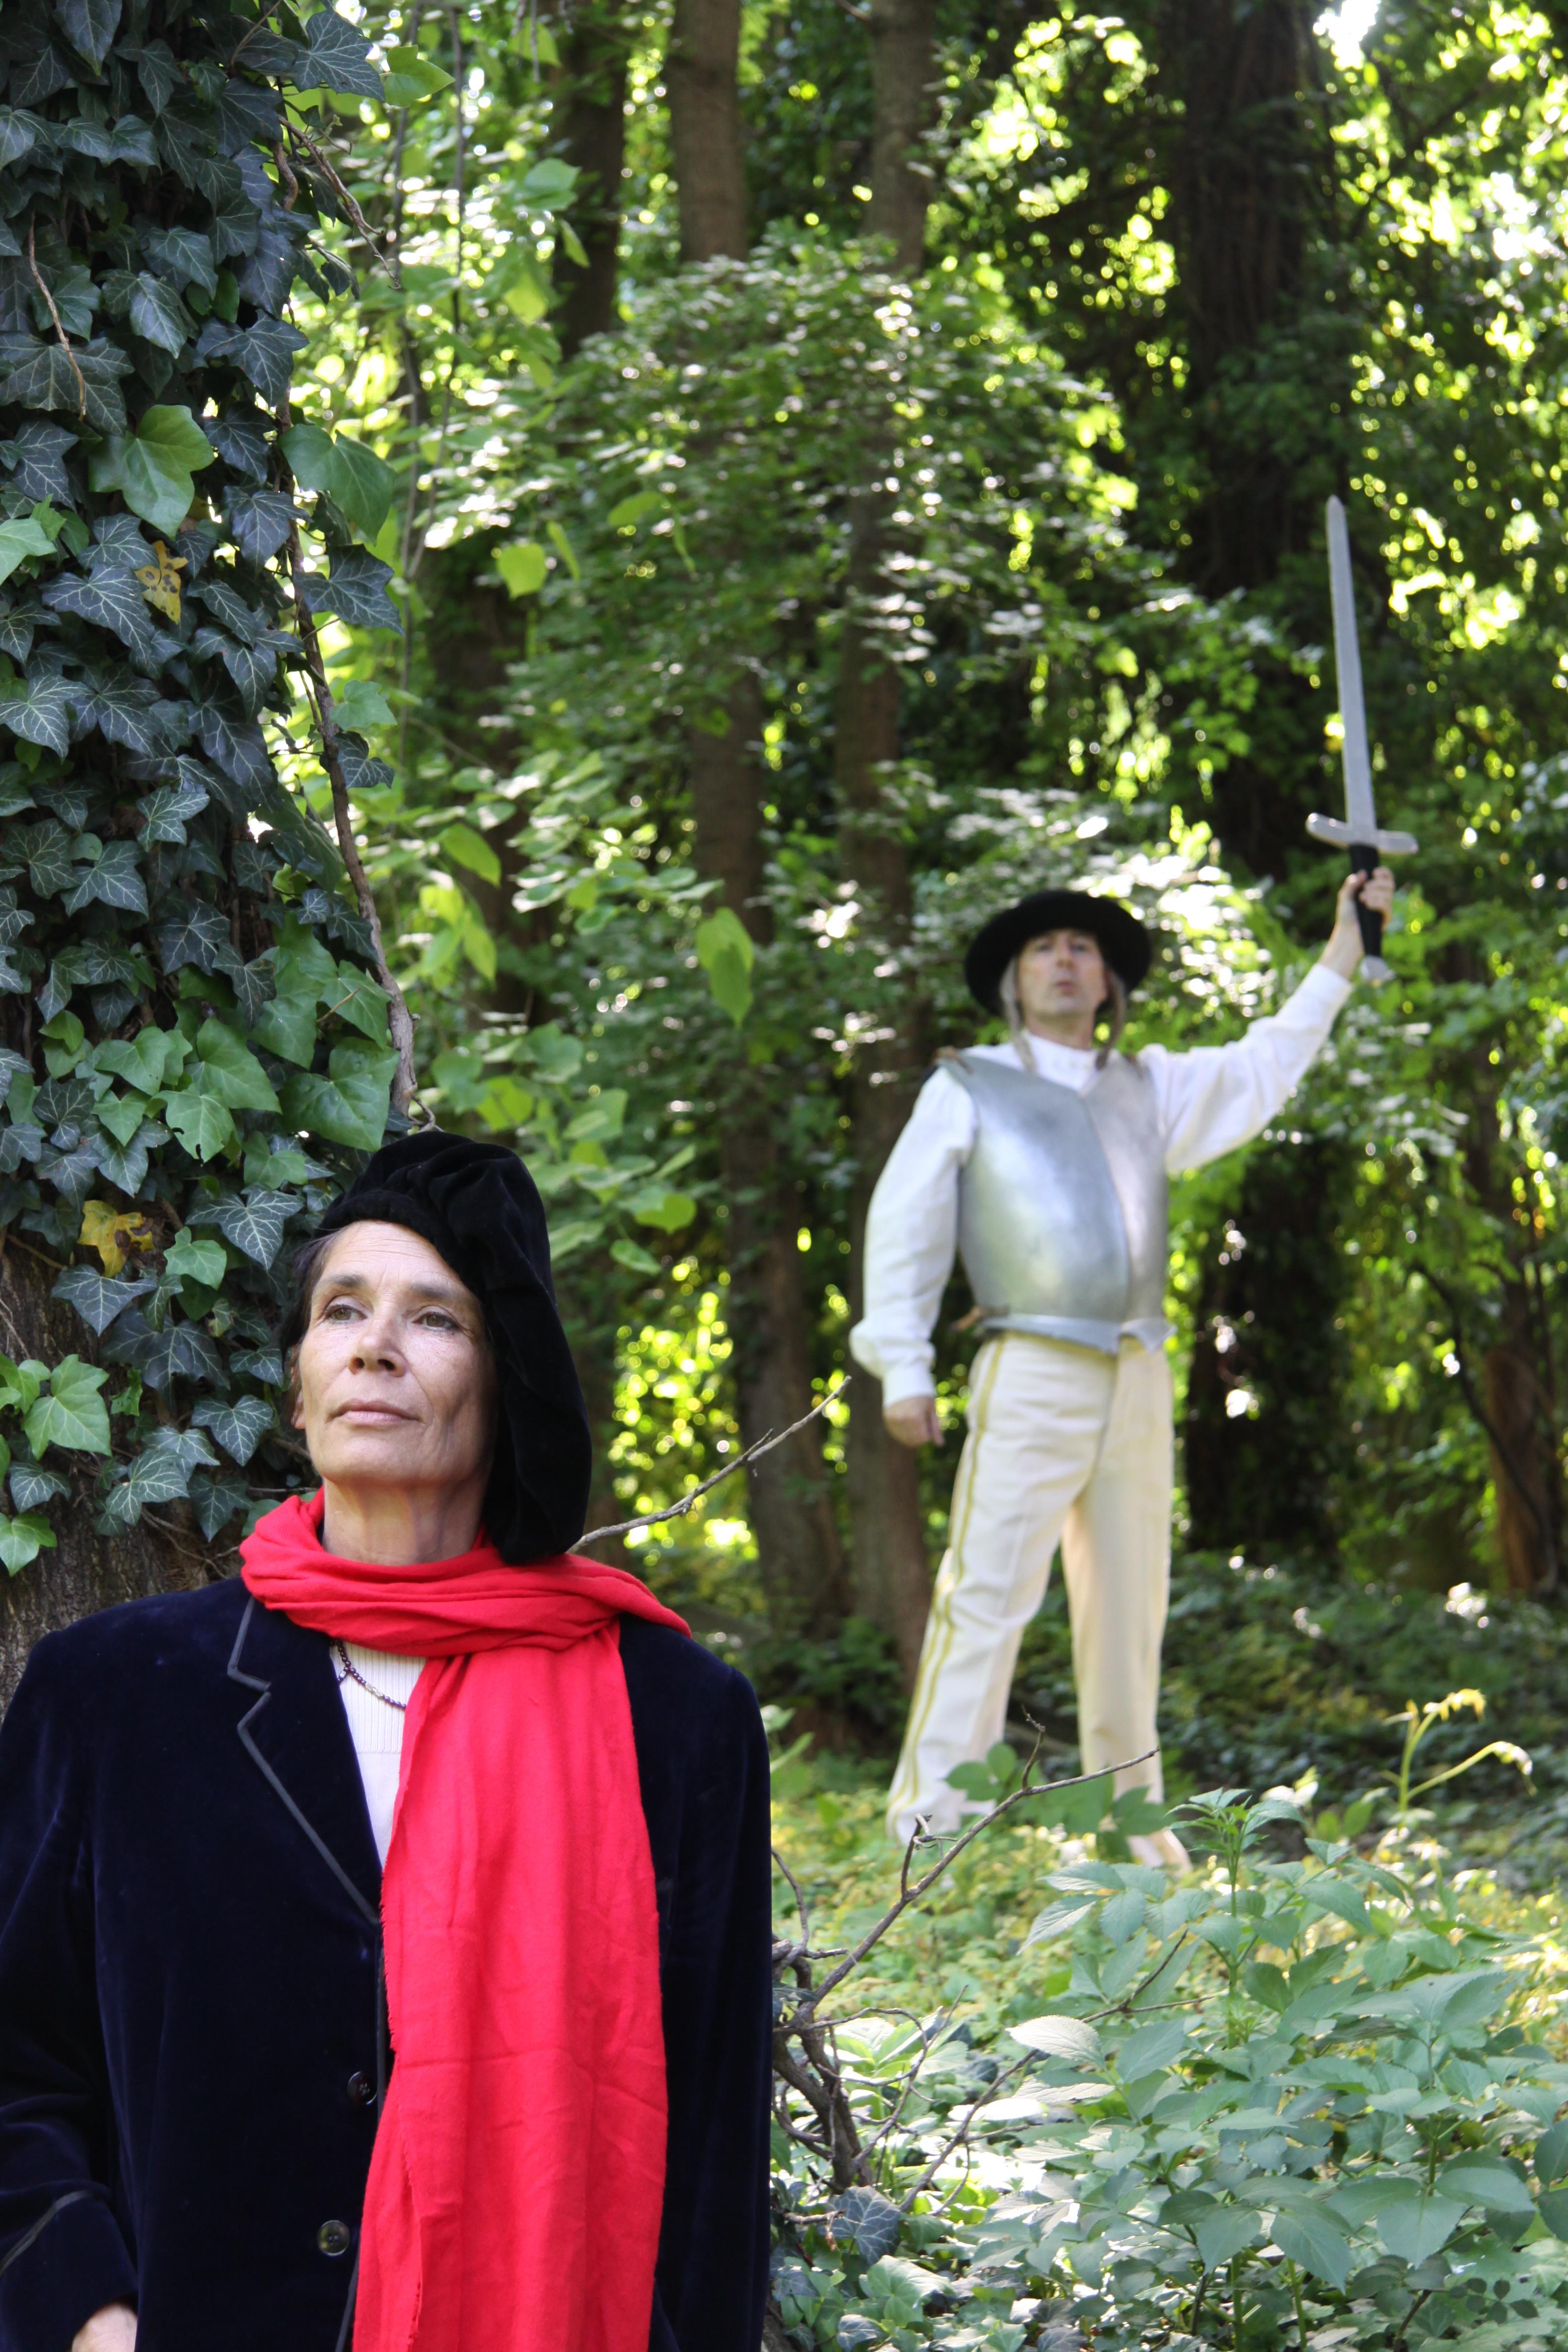 Birgit Doll, Raimund Brandner_Copyright bluatschwitzblackbox/Rudolf Szedenik